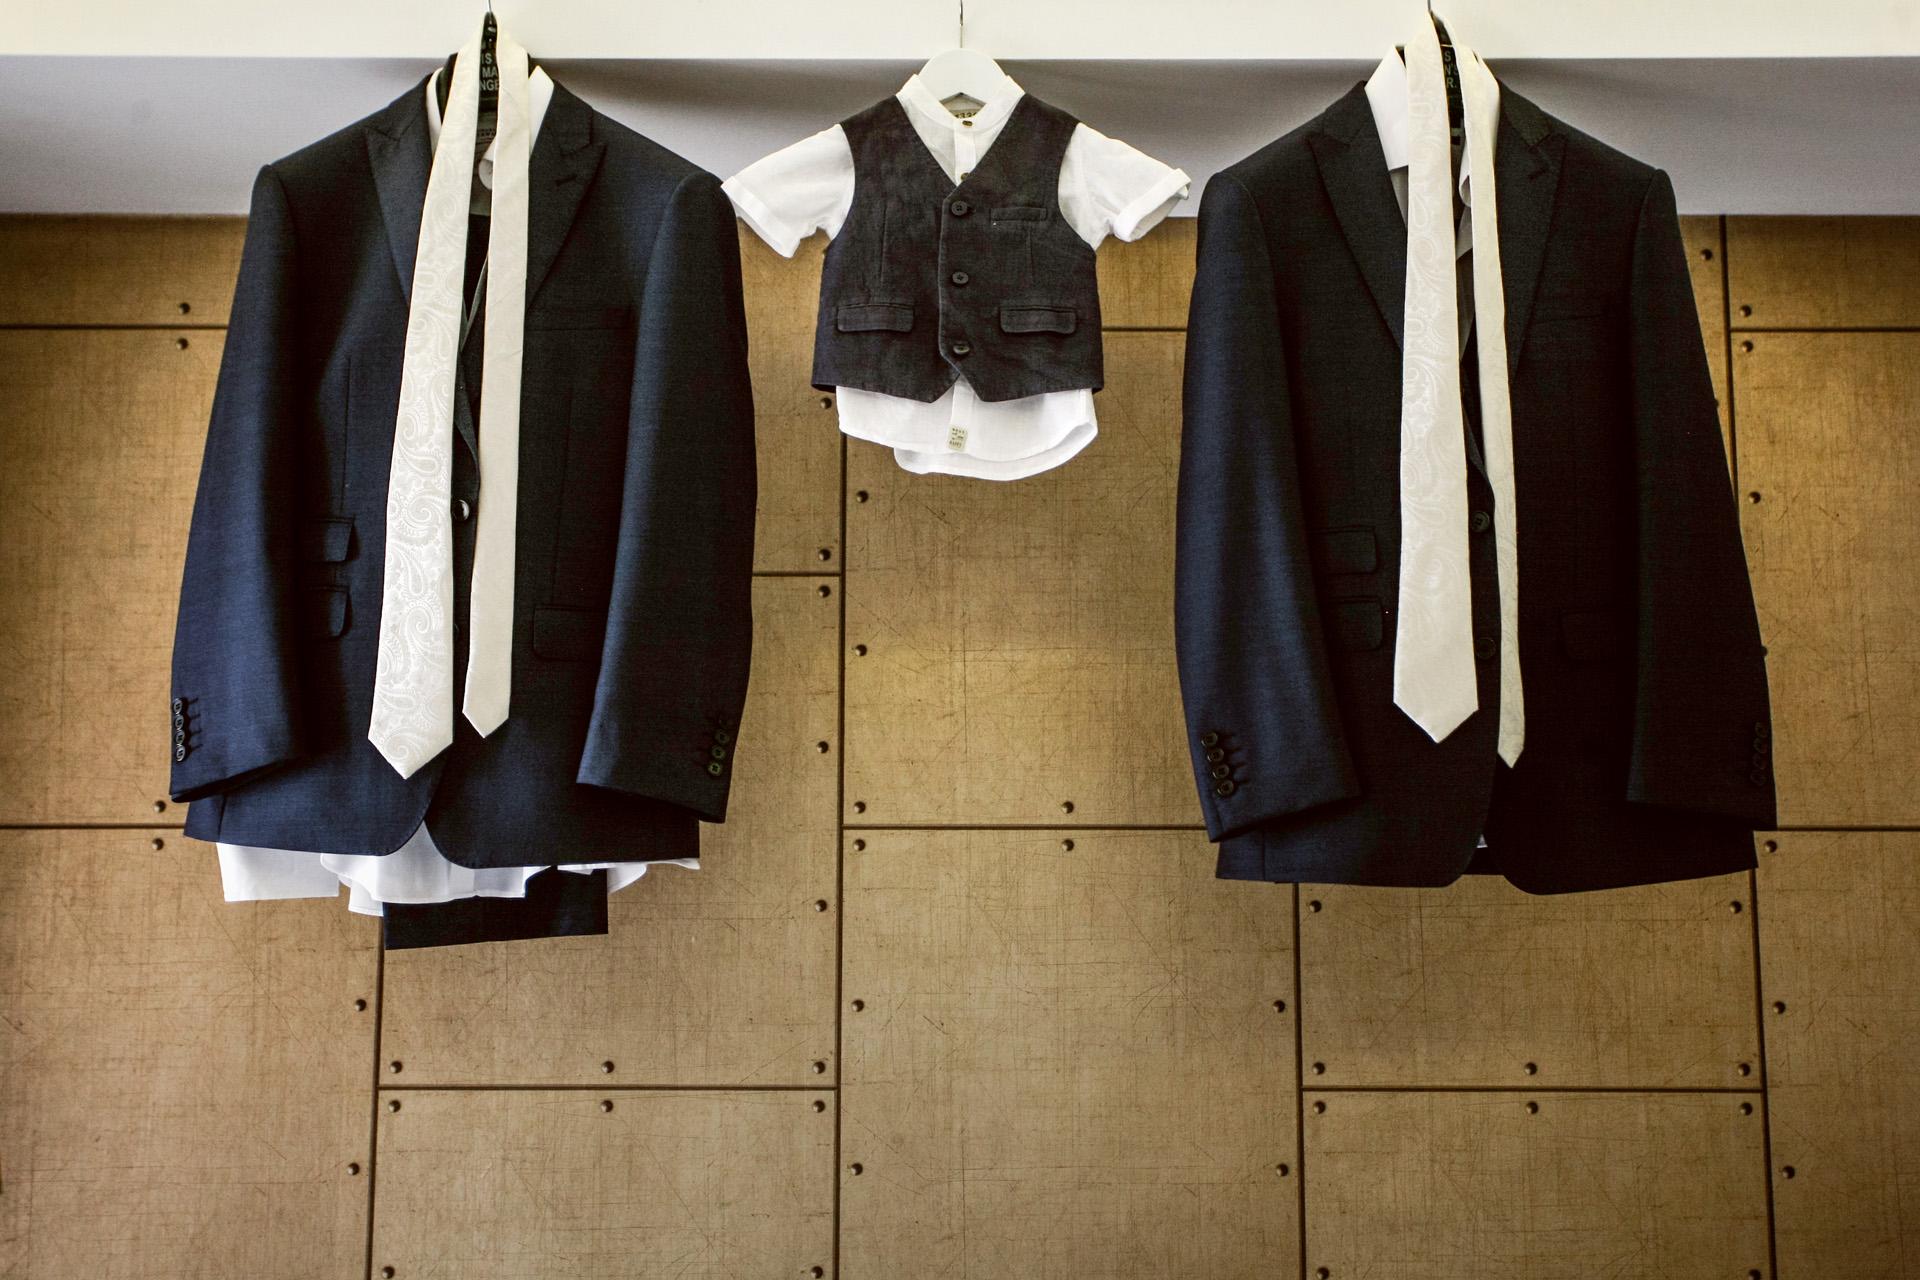 Oludeniz, Fethiye, Turquía Elopement Imagen en detalle | El traje y la corbata del novio cuelgan junto a los de su hijo pequeño.